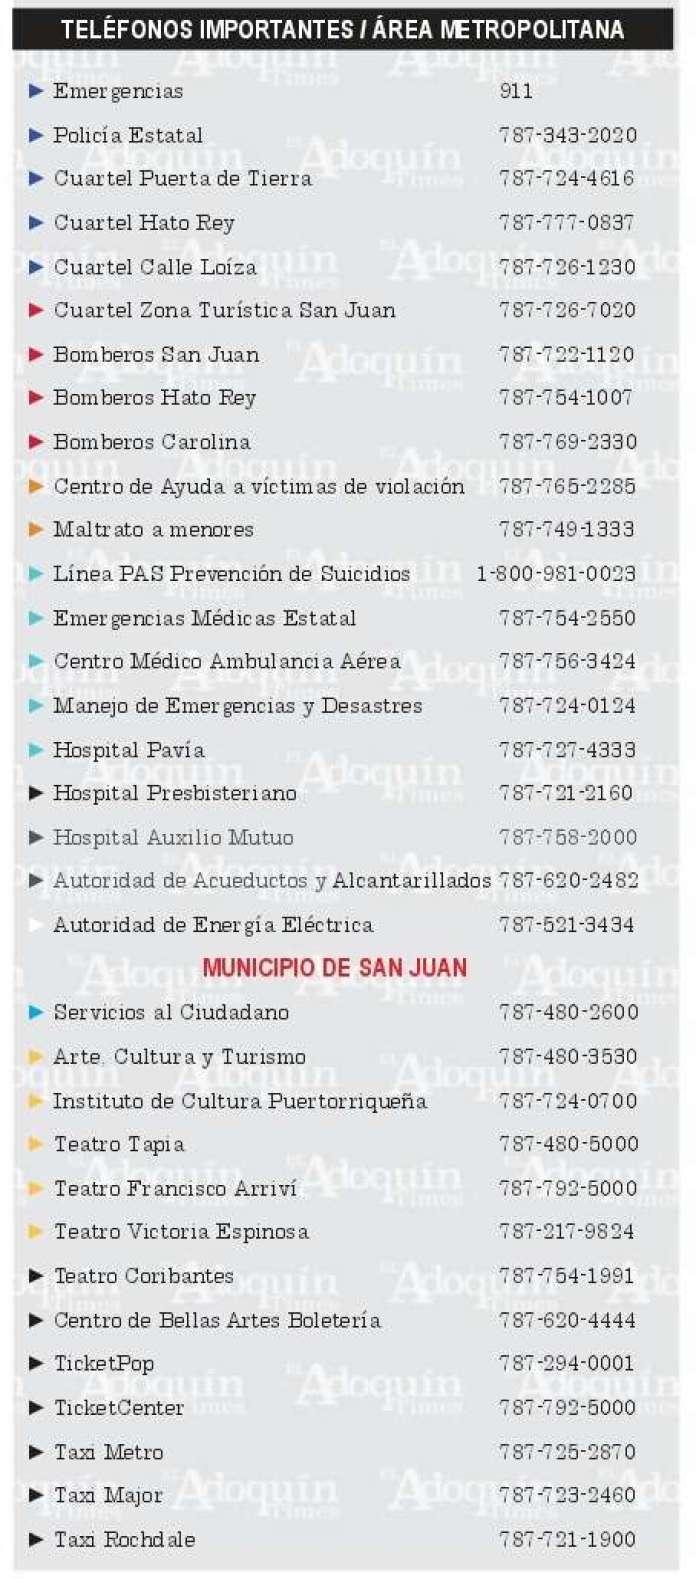 Lista de Telefonos Importantes